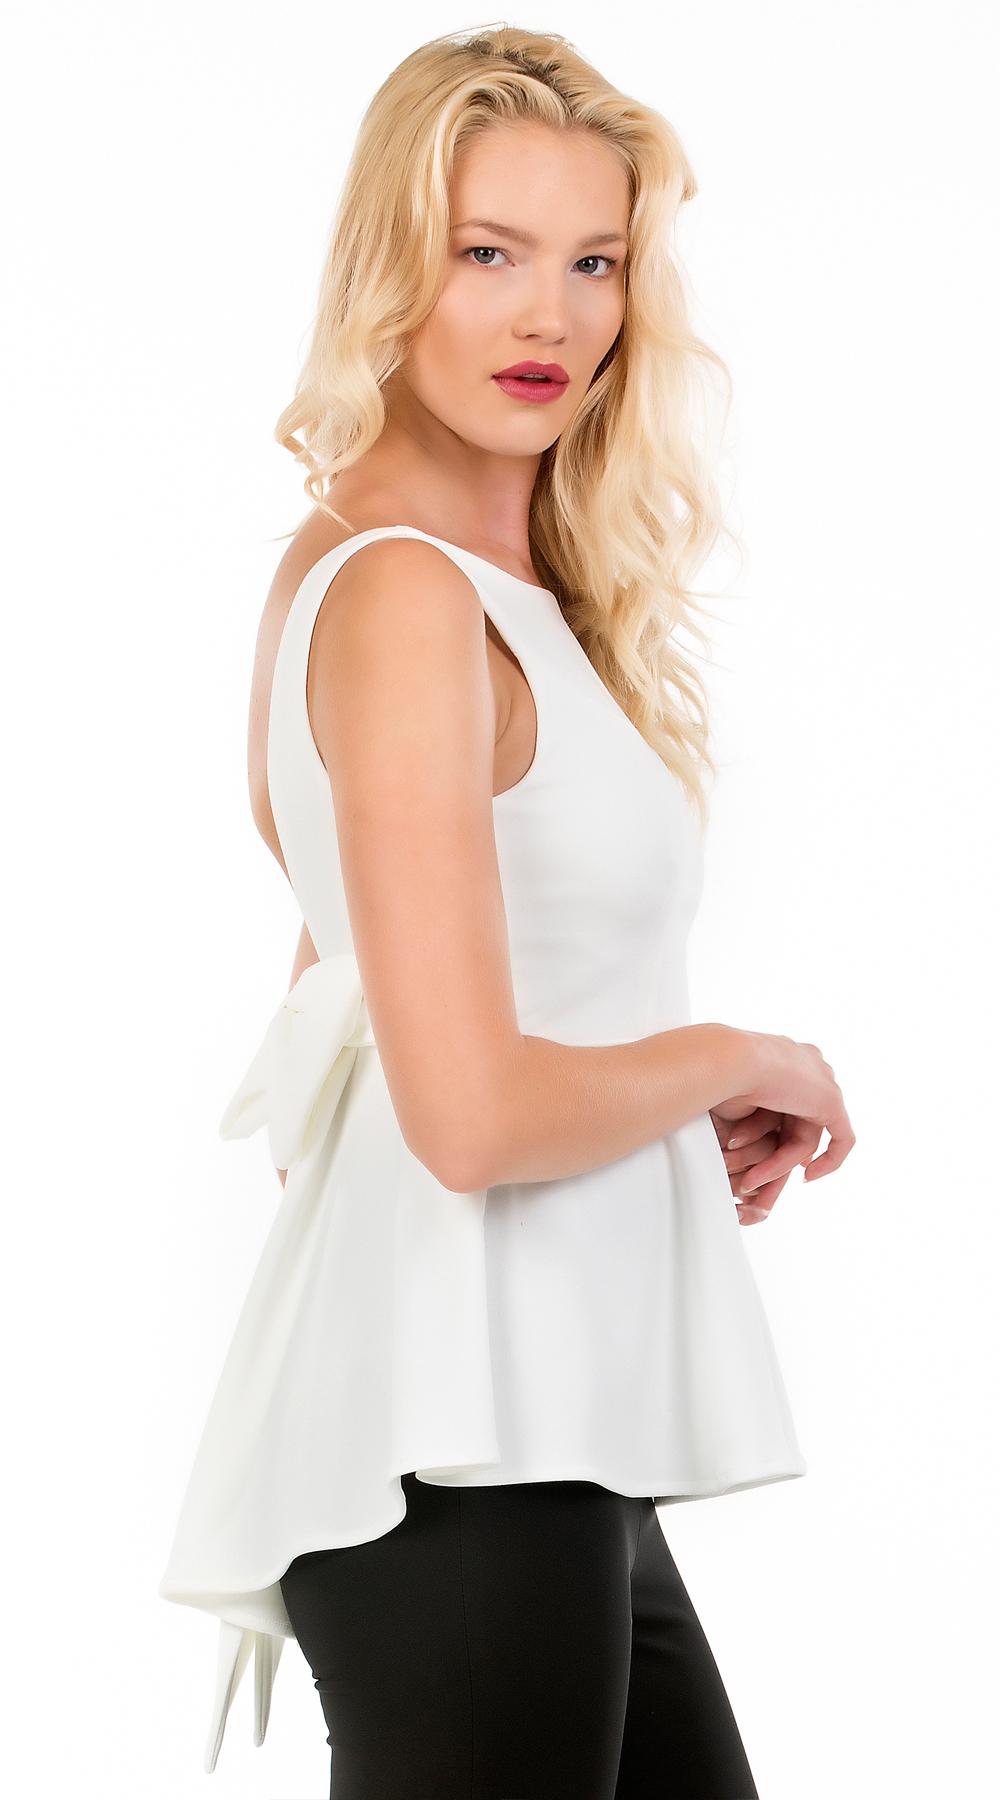 Γυναικεία μπλούζα εξώπλατη με φιόγκο και βολάν στο τελείωμα Online - ONLINE - FA μπλούζες   t shirts elegant tops